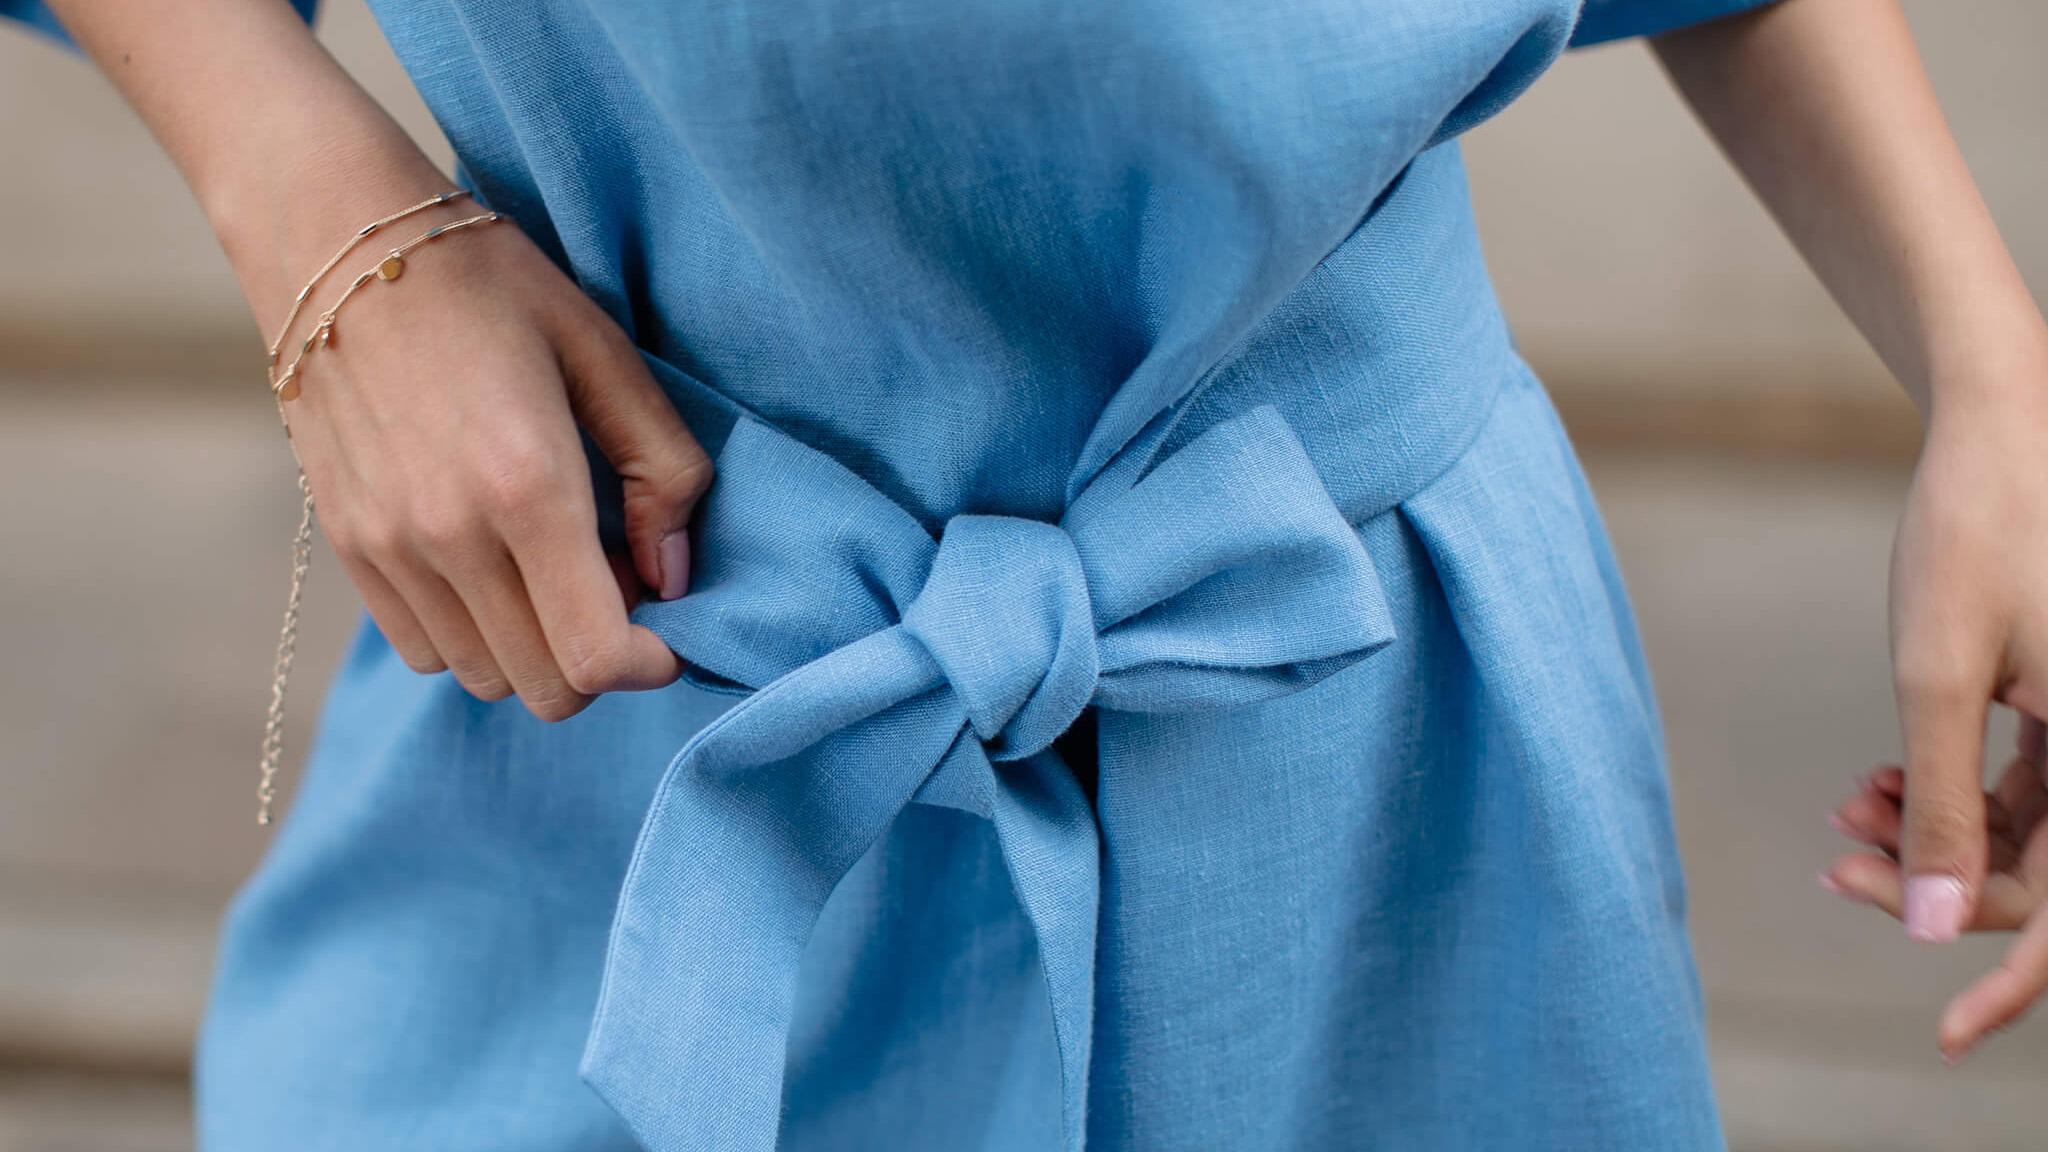 jak dbać o lniane ubrania